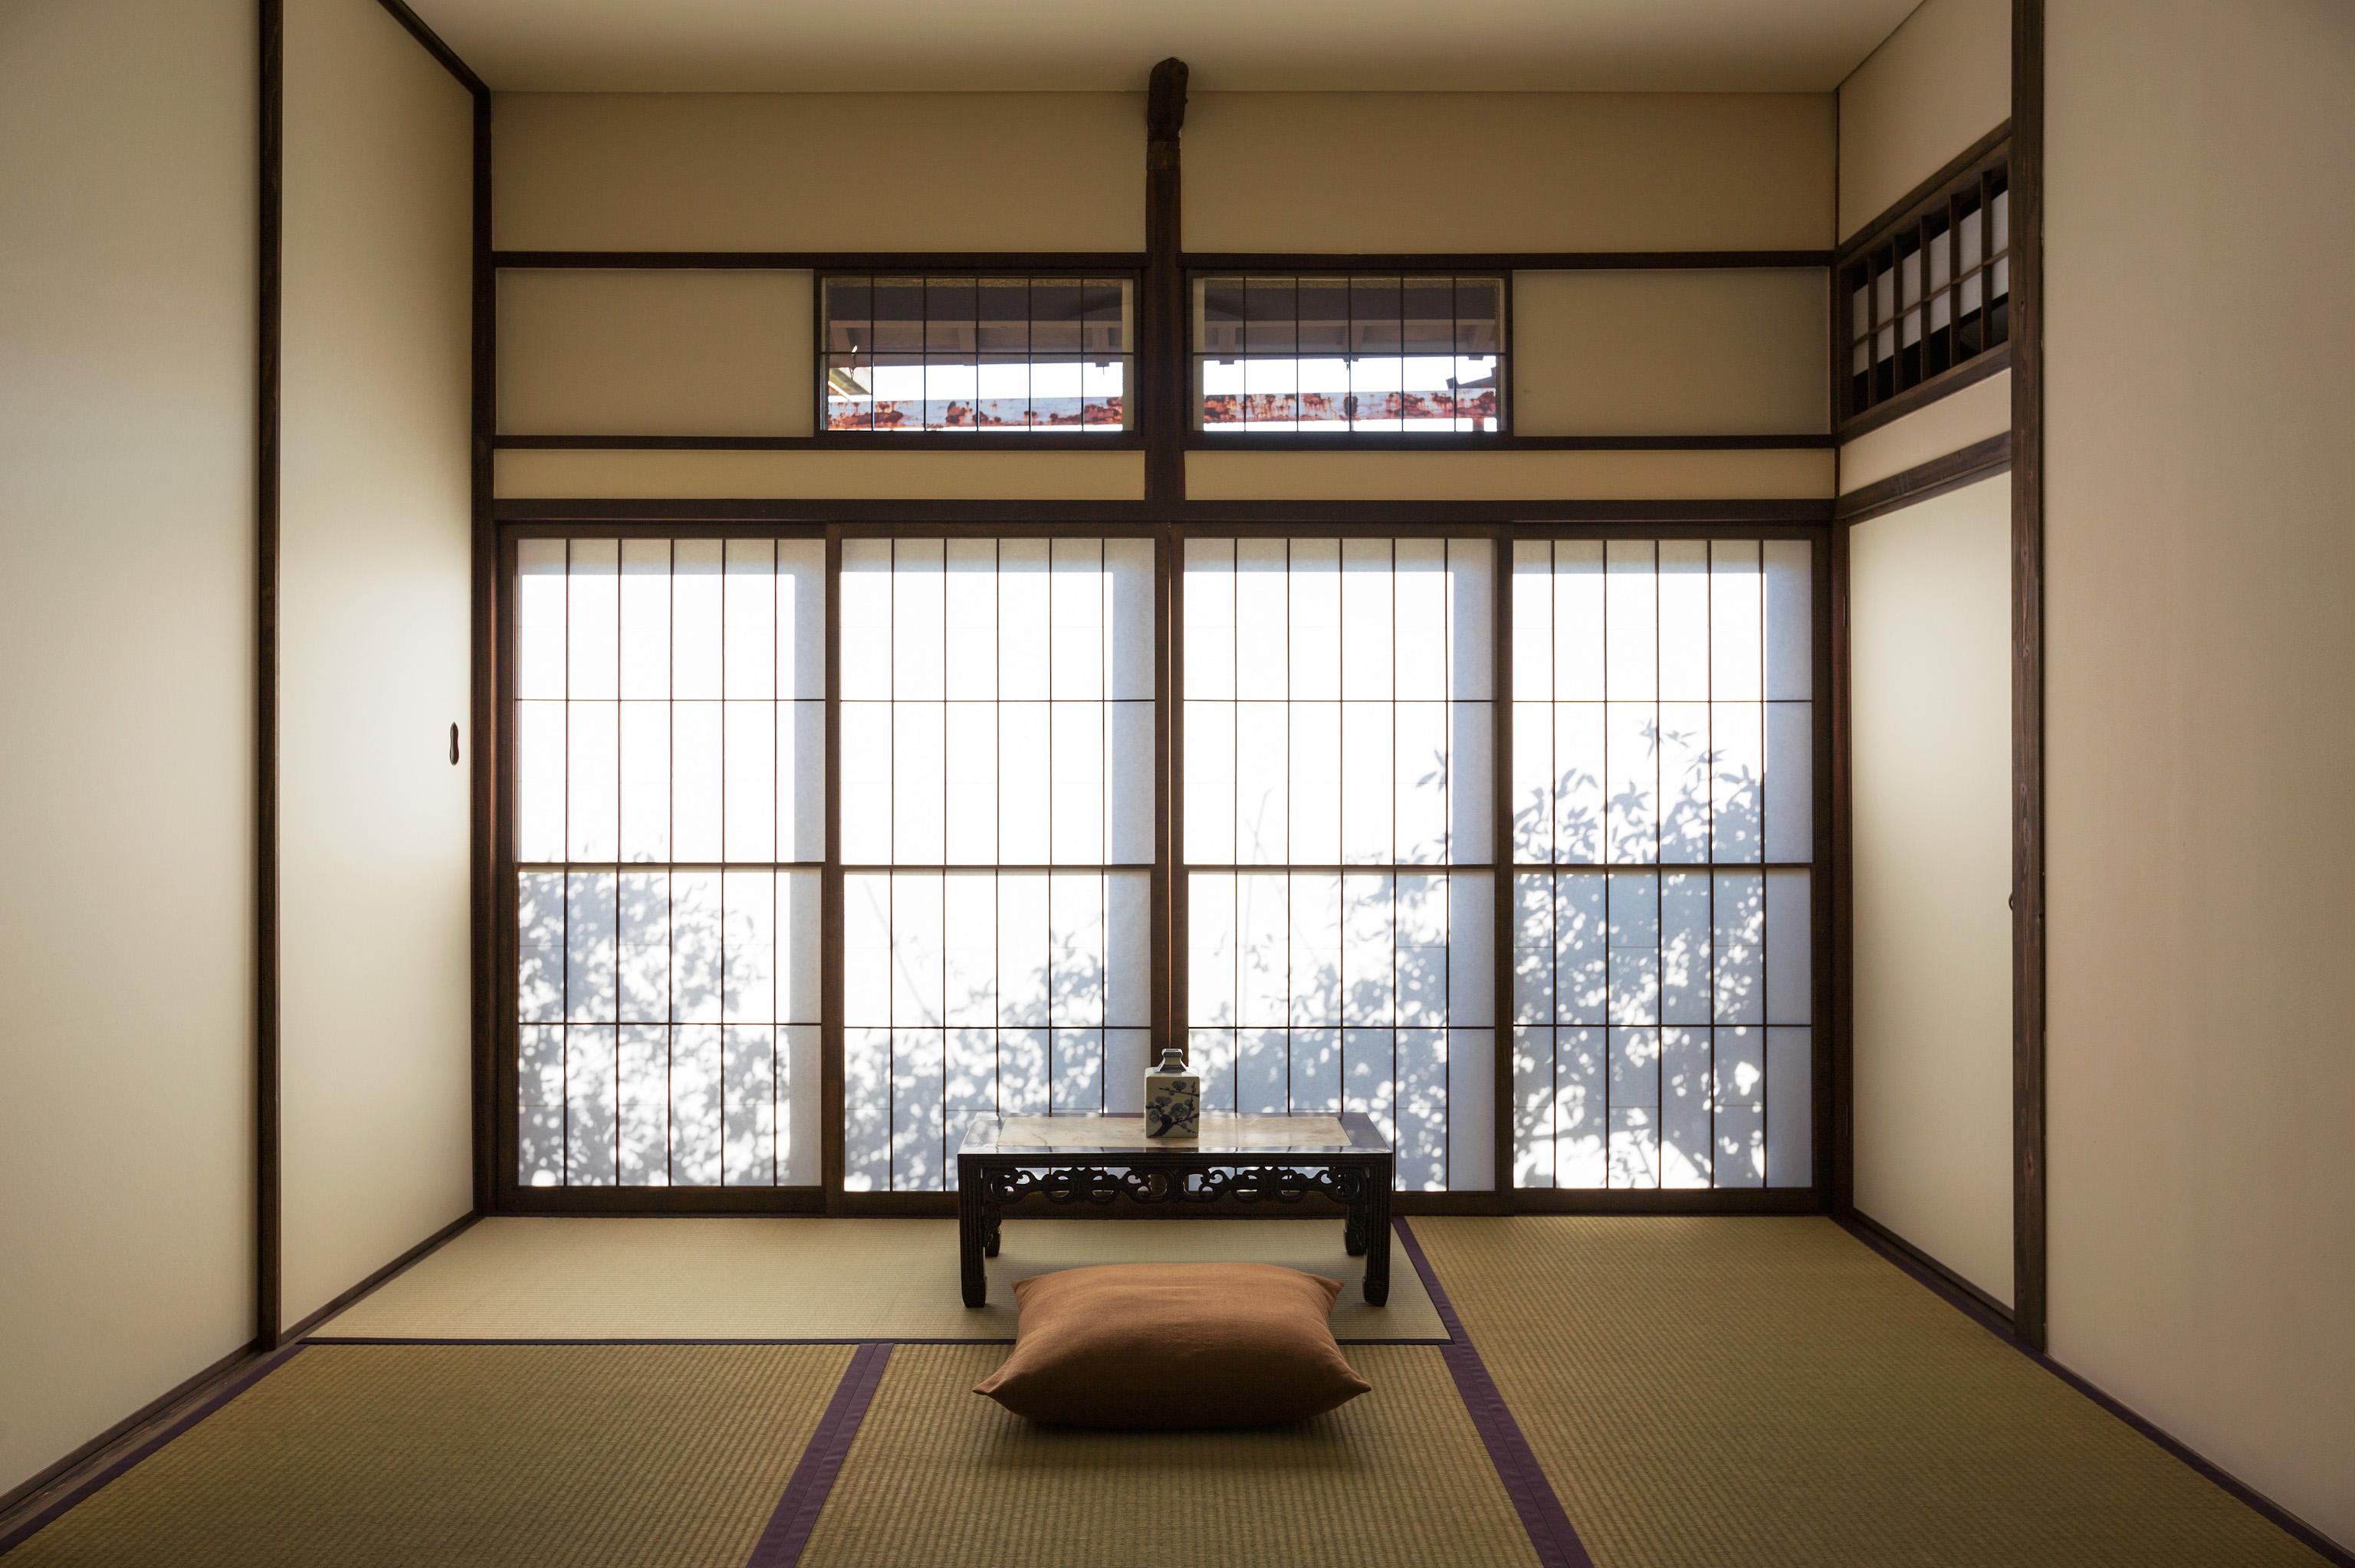 朝日を浴びて映りだされる生垣が幻想的な6畳の和室